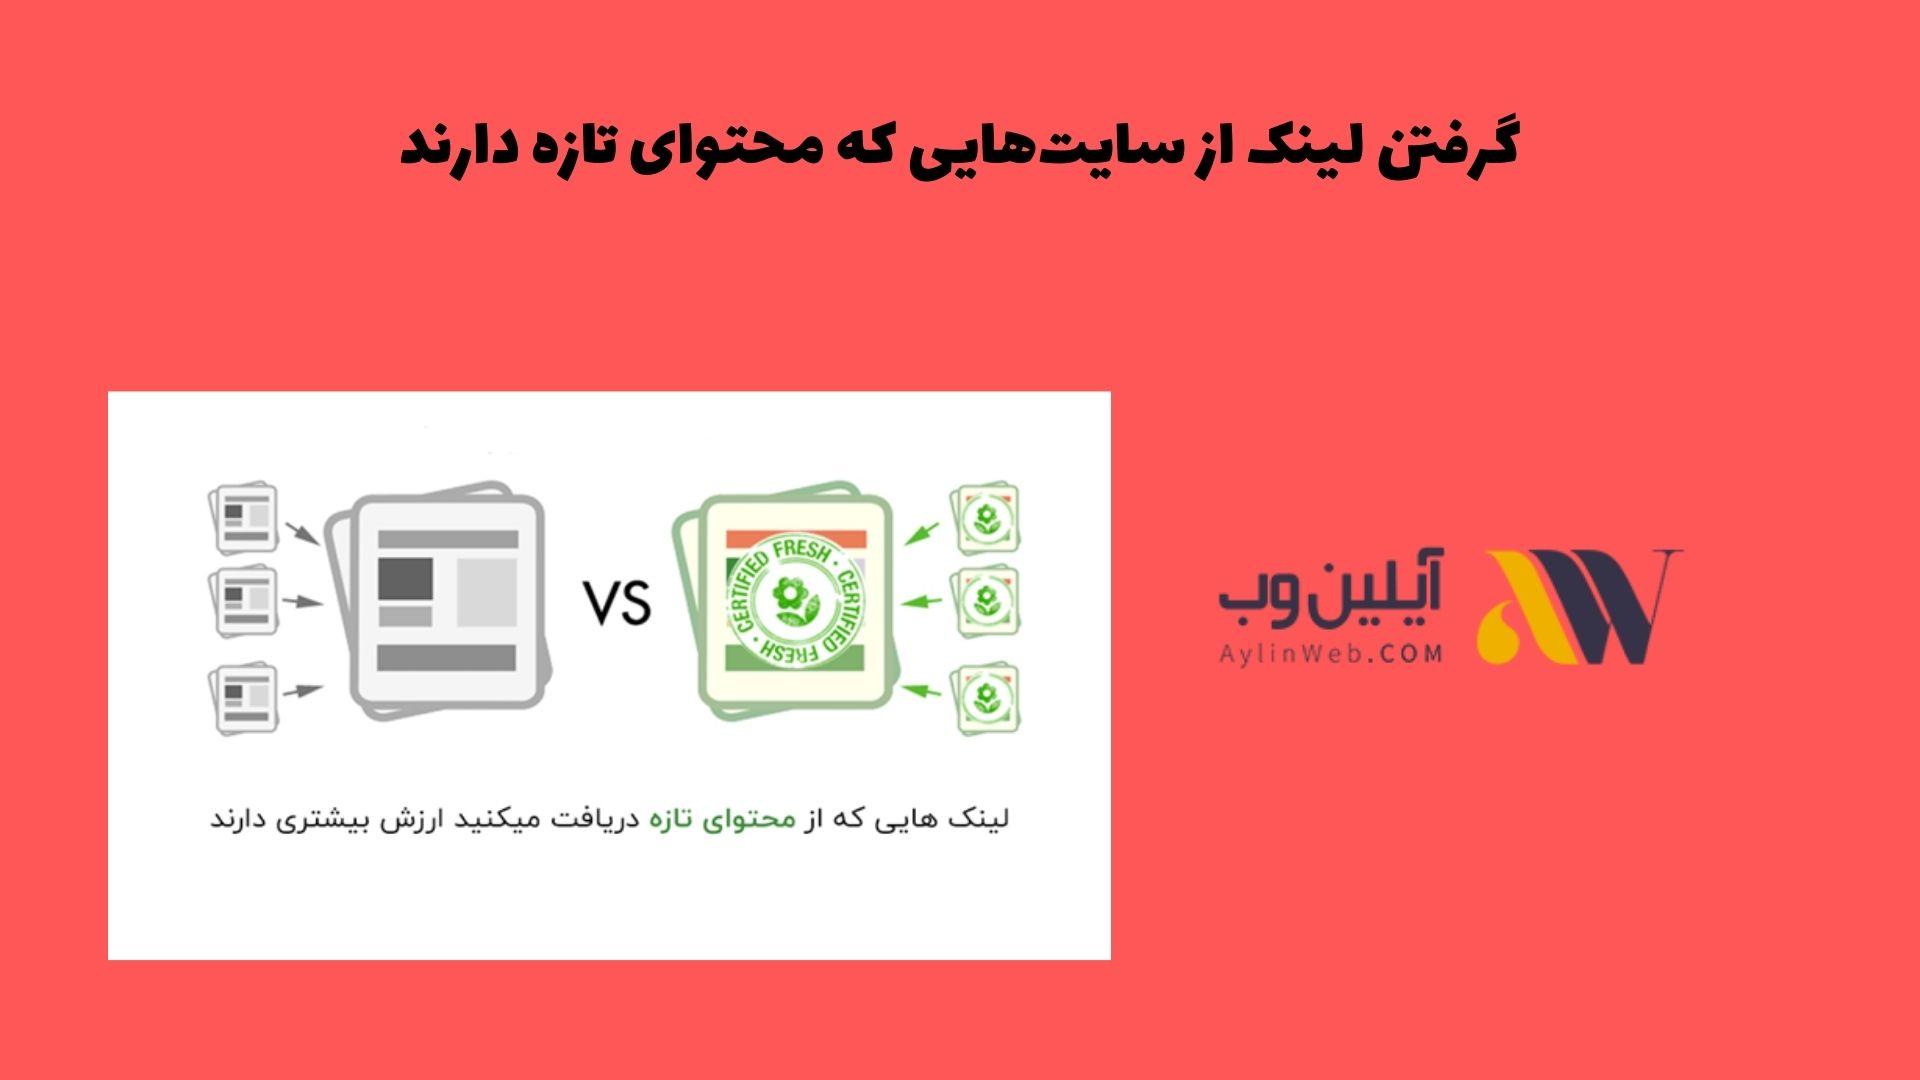 گرفتن لینک از سایتهایی که محتوای تازه دارند